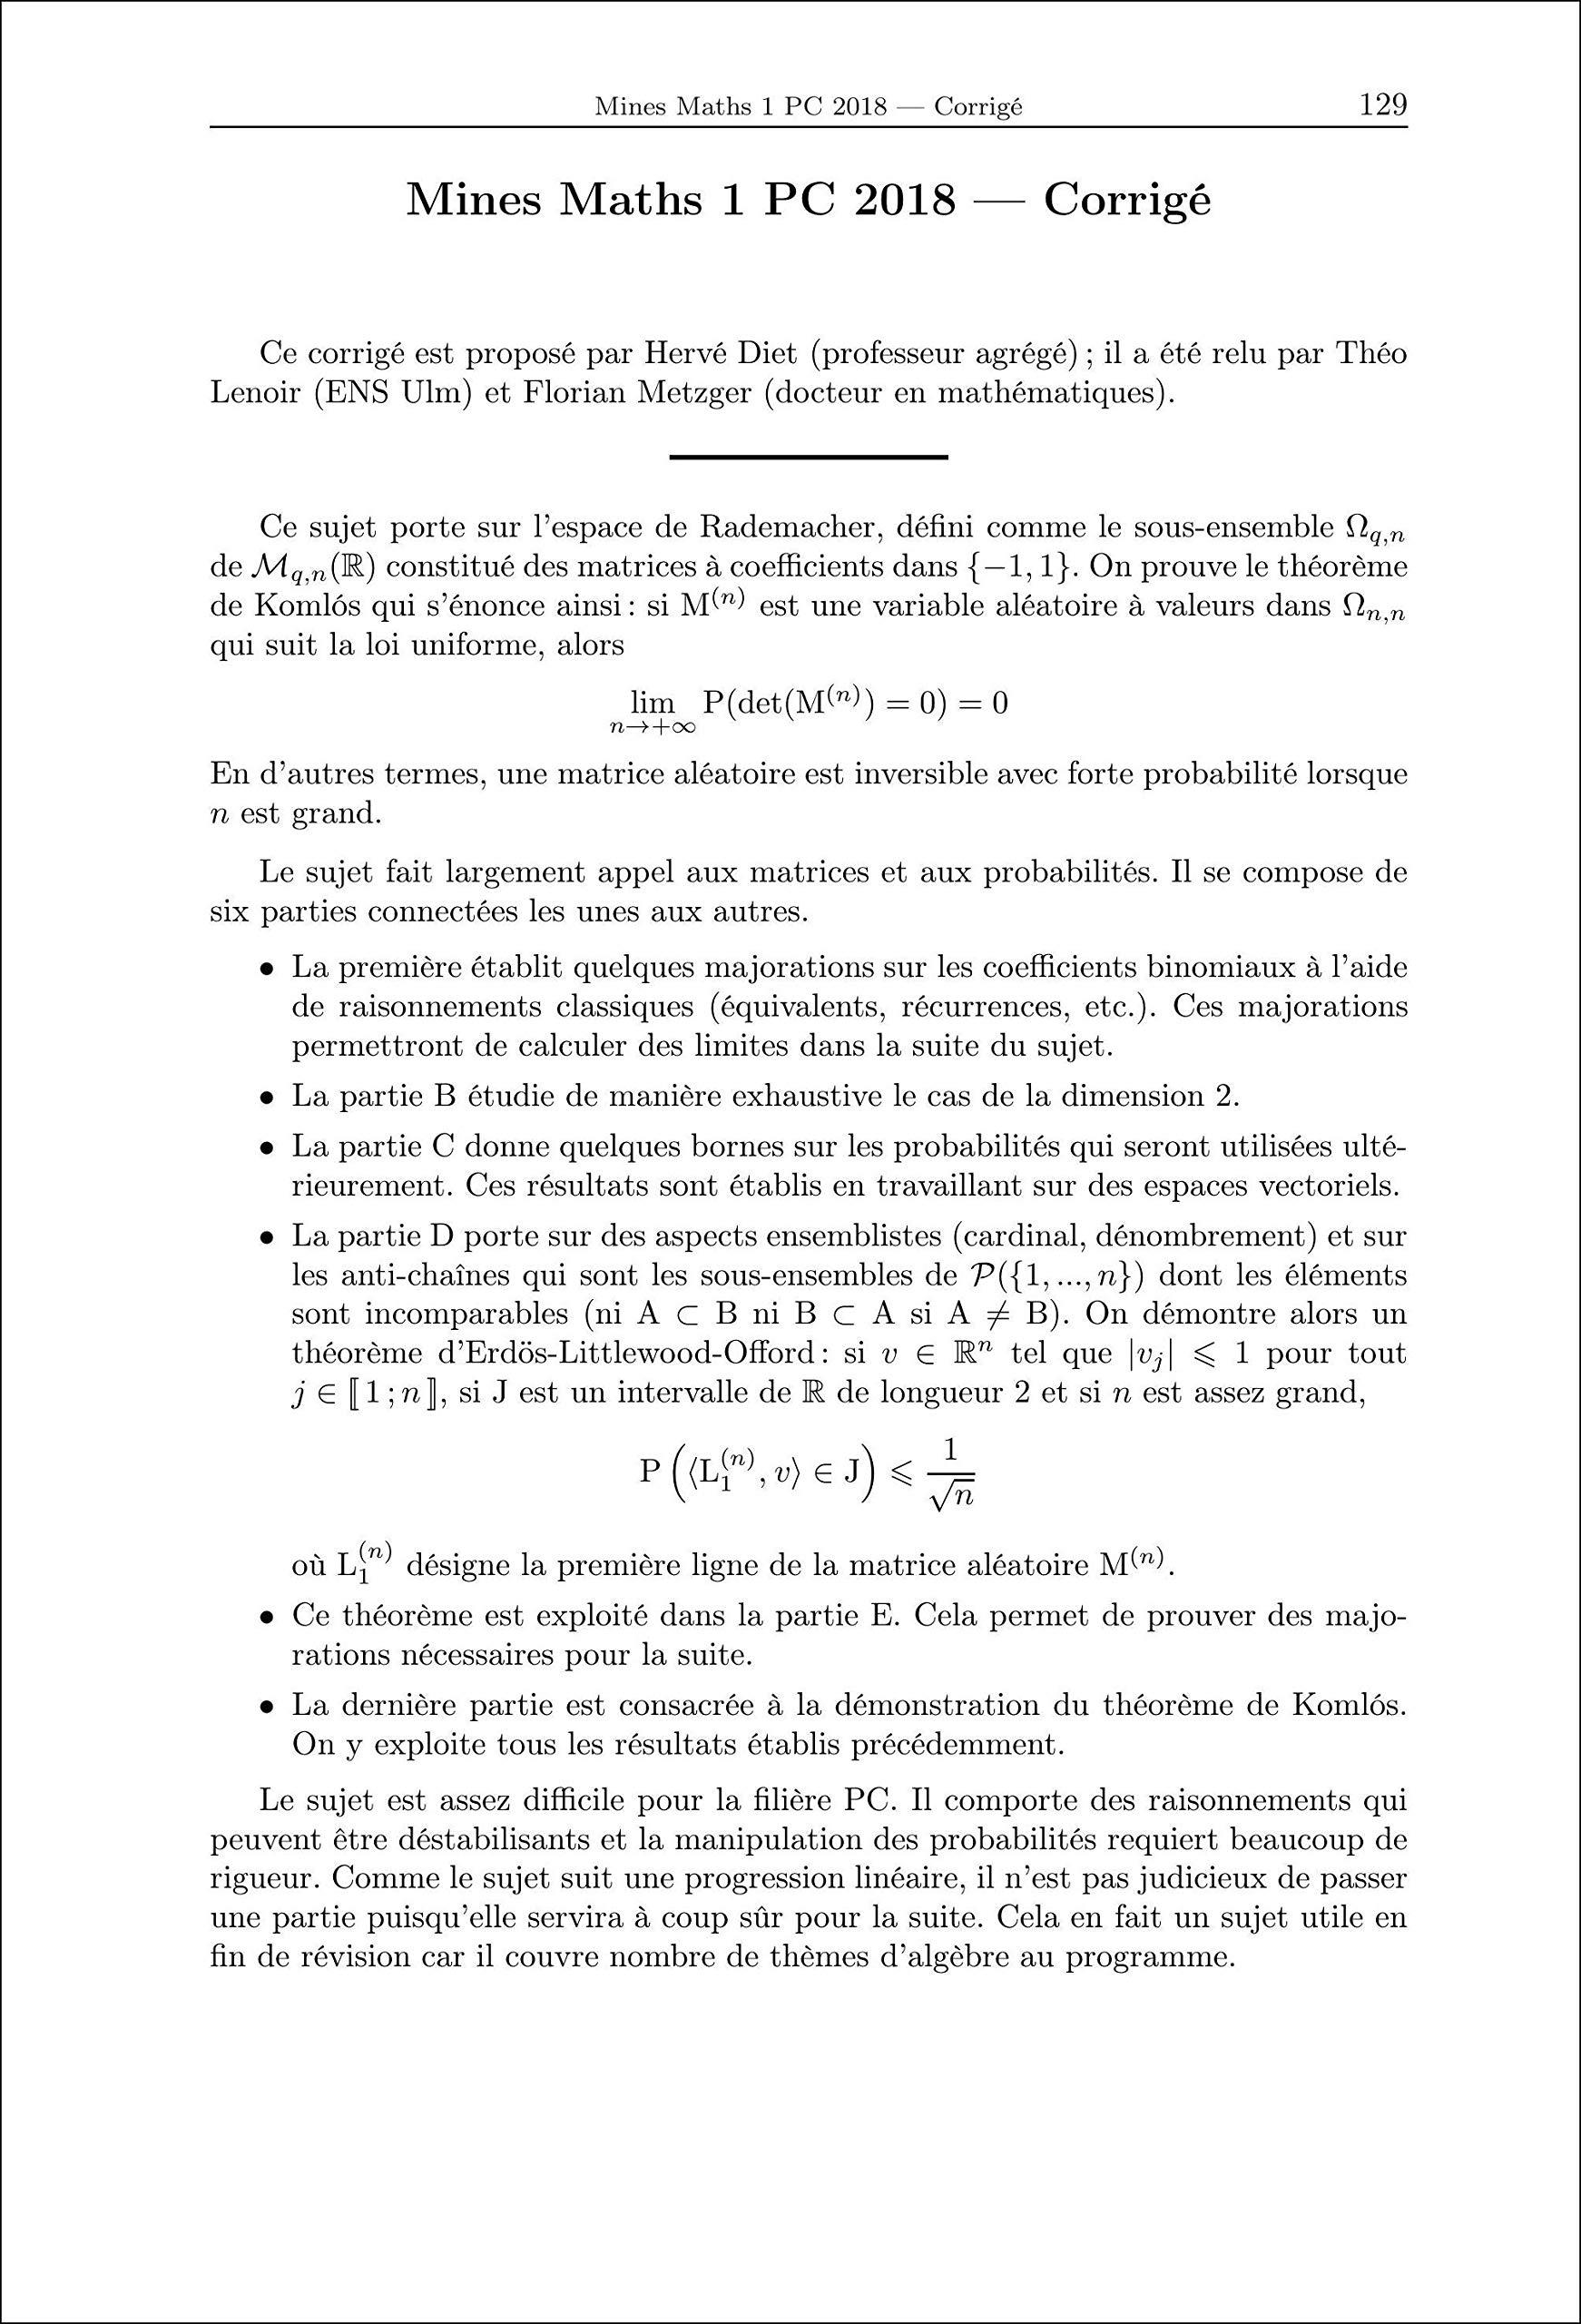 Mathématiques, Informatique PC (Annales des concours): Amazon.es: Collectif, William Aufort, Benjamin Monmege, Vincent Puyhaubert: Libros en idiomas ...